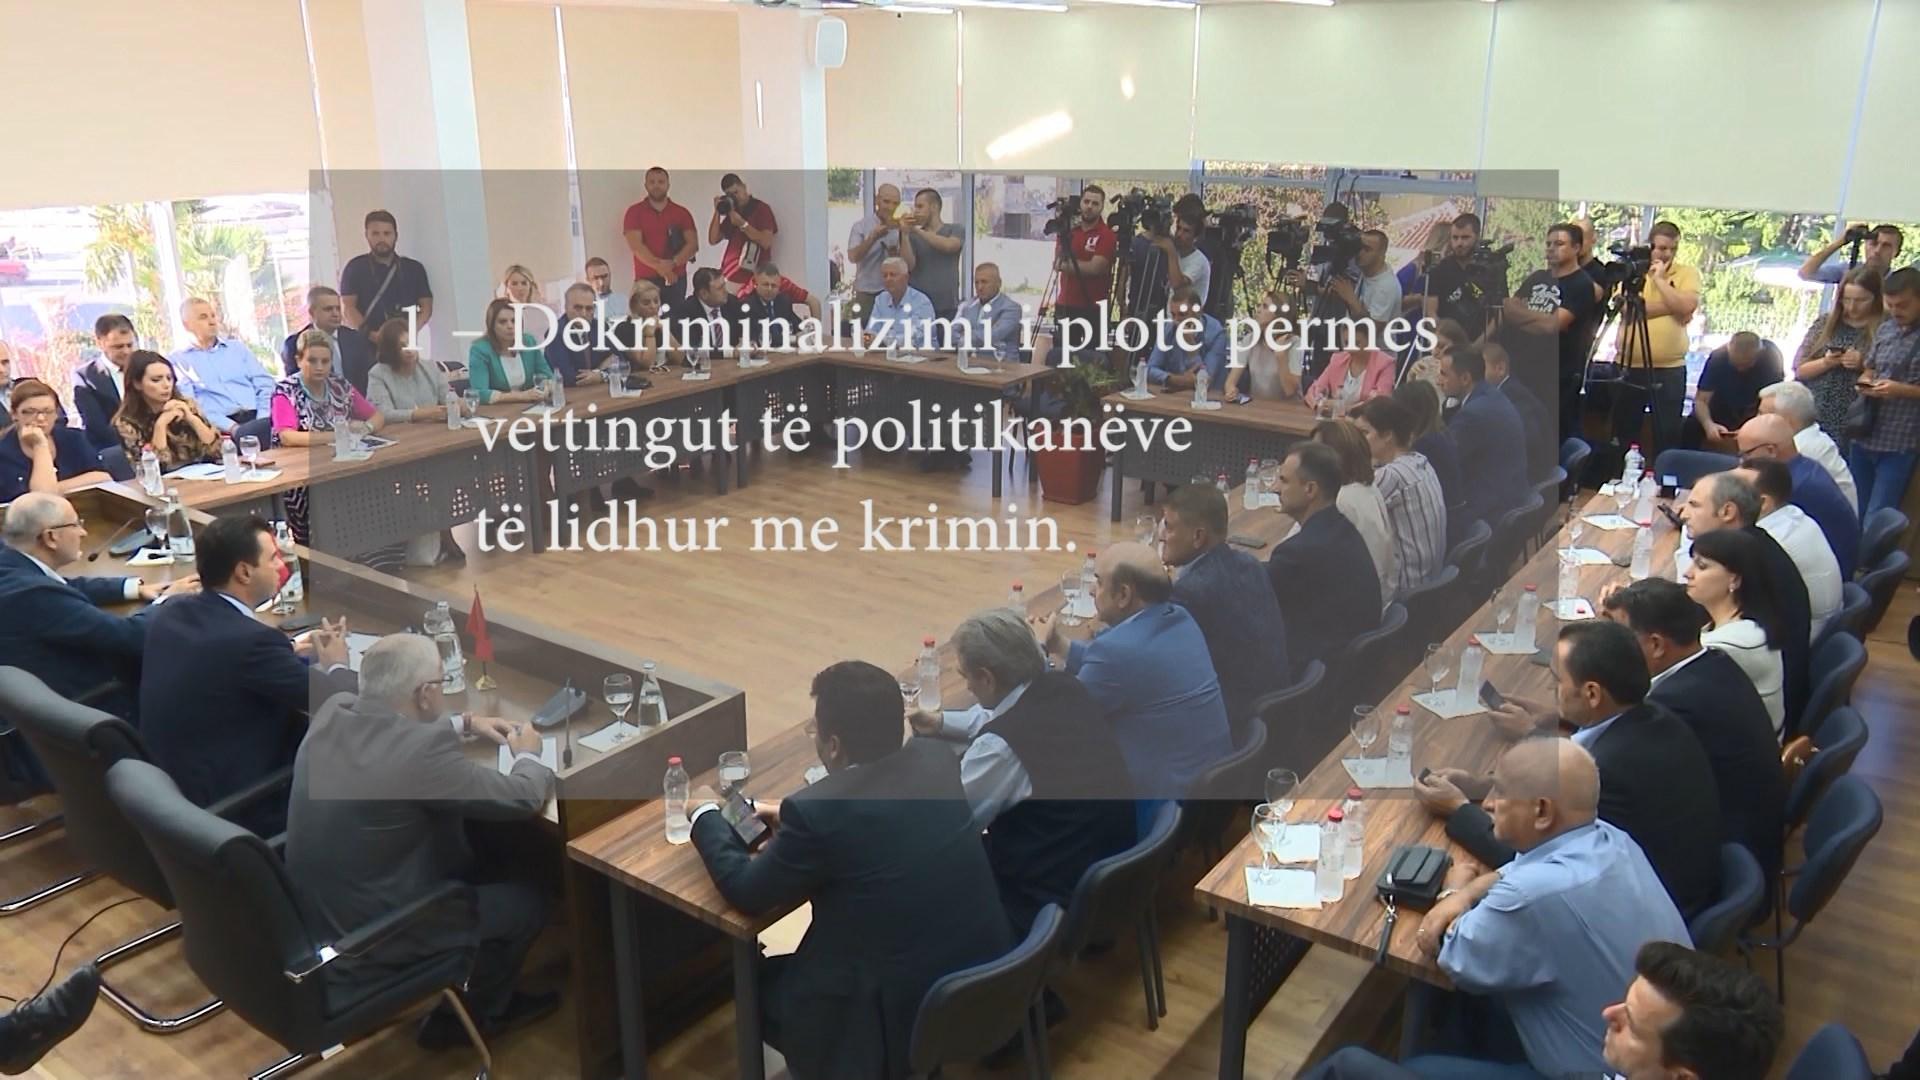 Basha: Vettingu në politikë mbështetet nga qytetarët